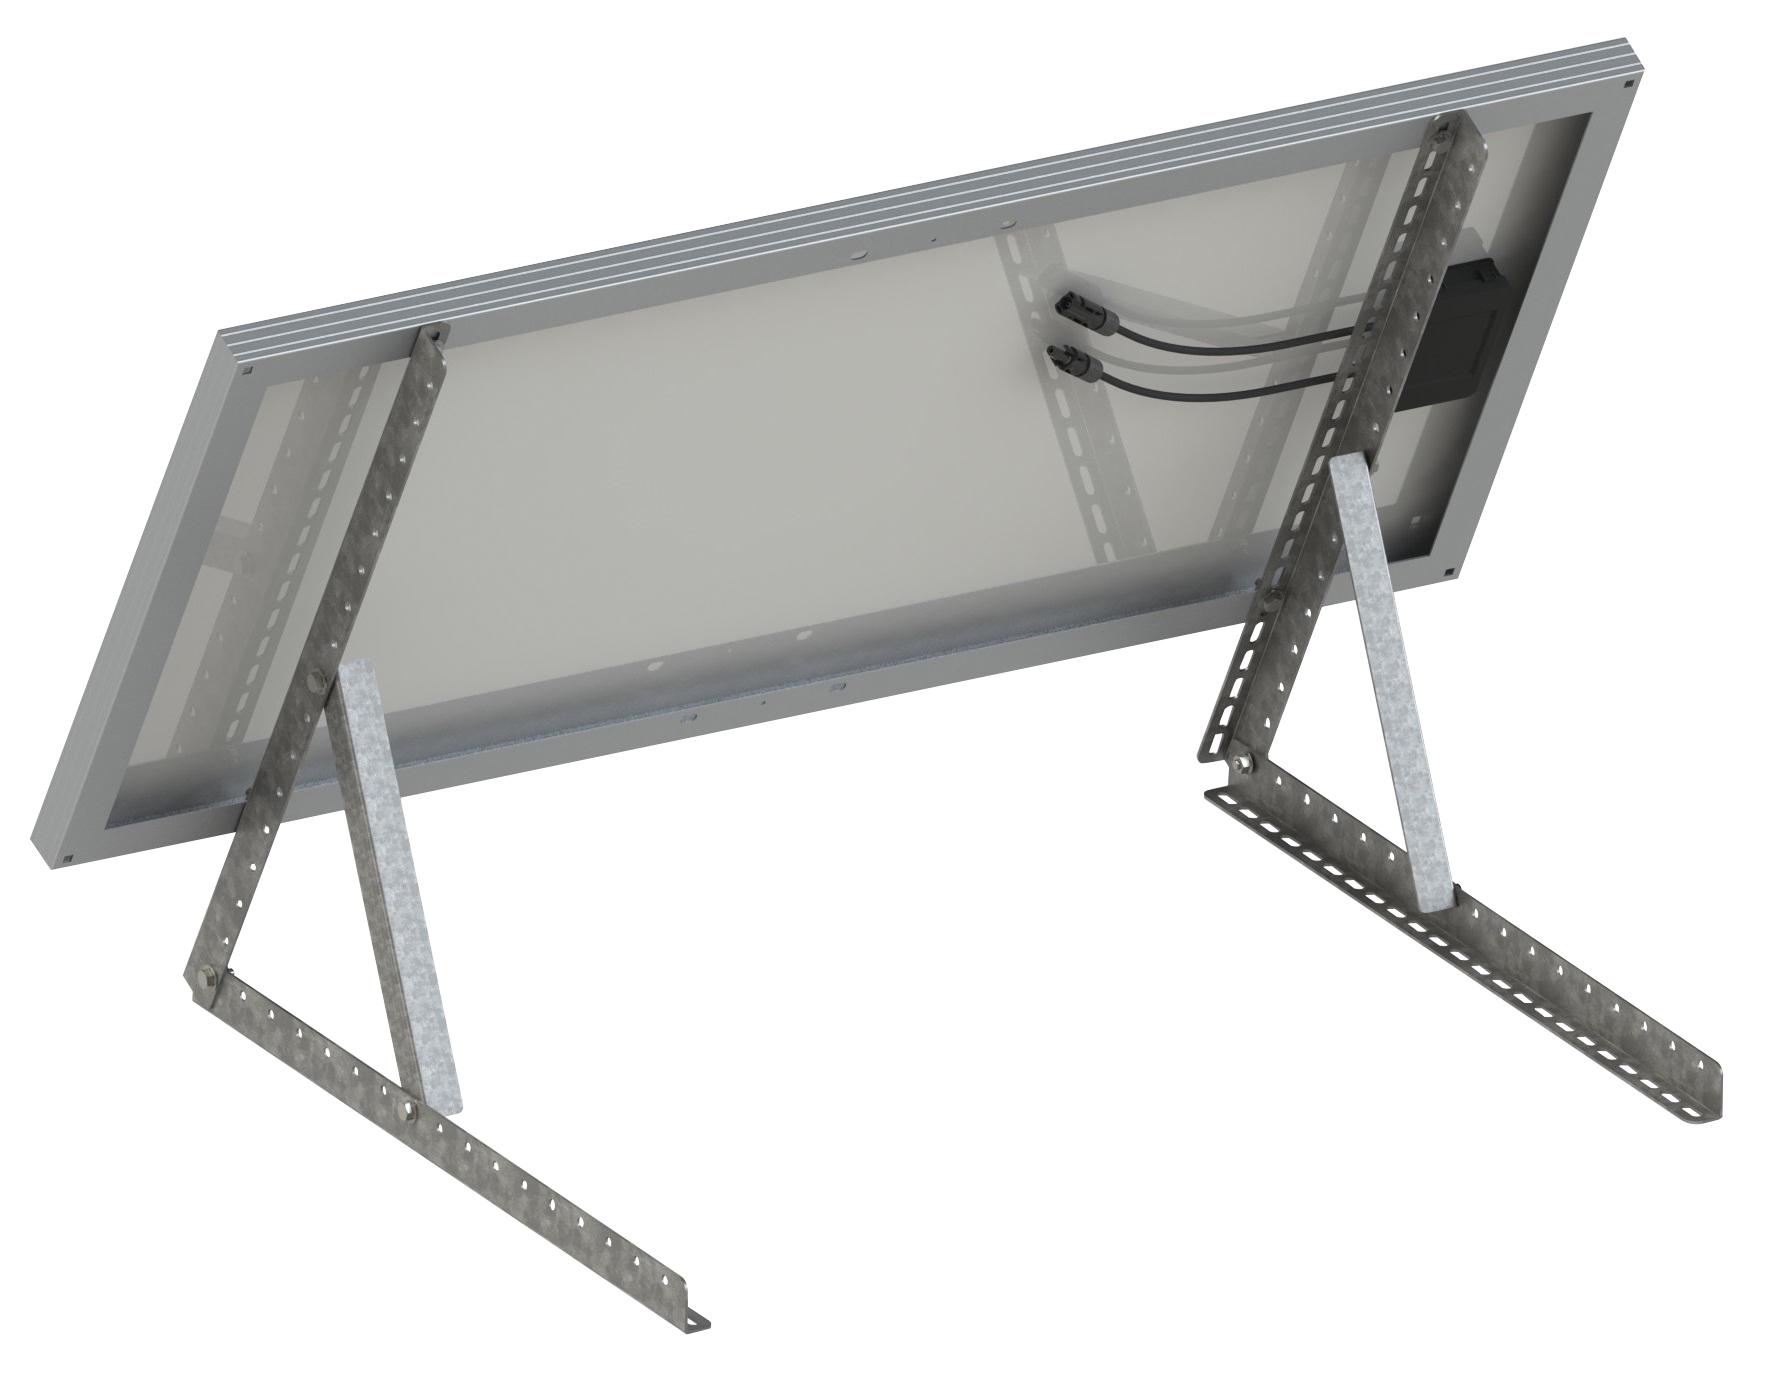 support basique pour unisun unifix. Black Bedroom Furniture Sets. Home Design Ideas